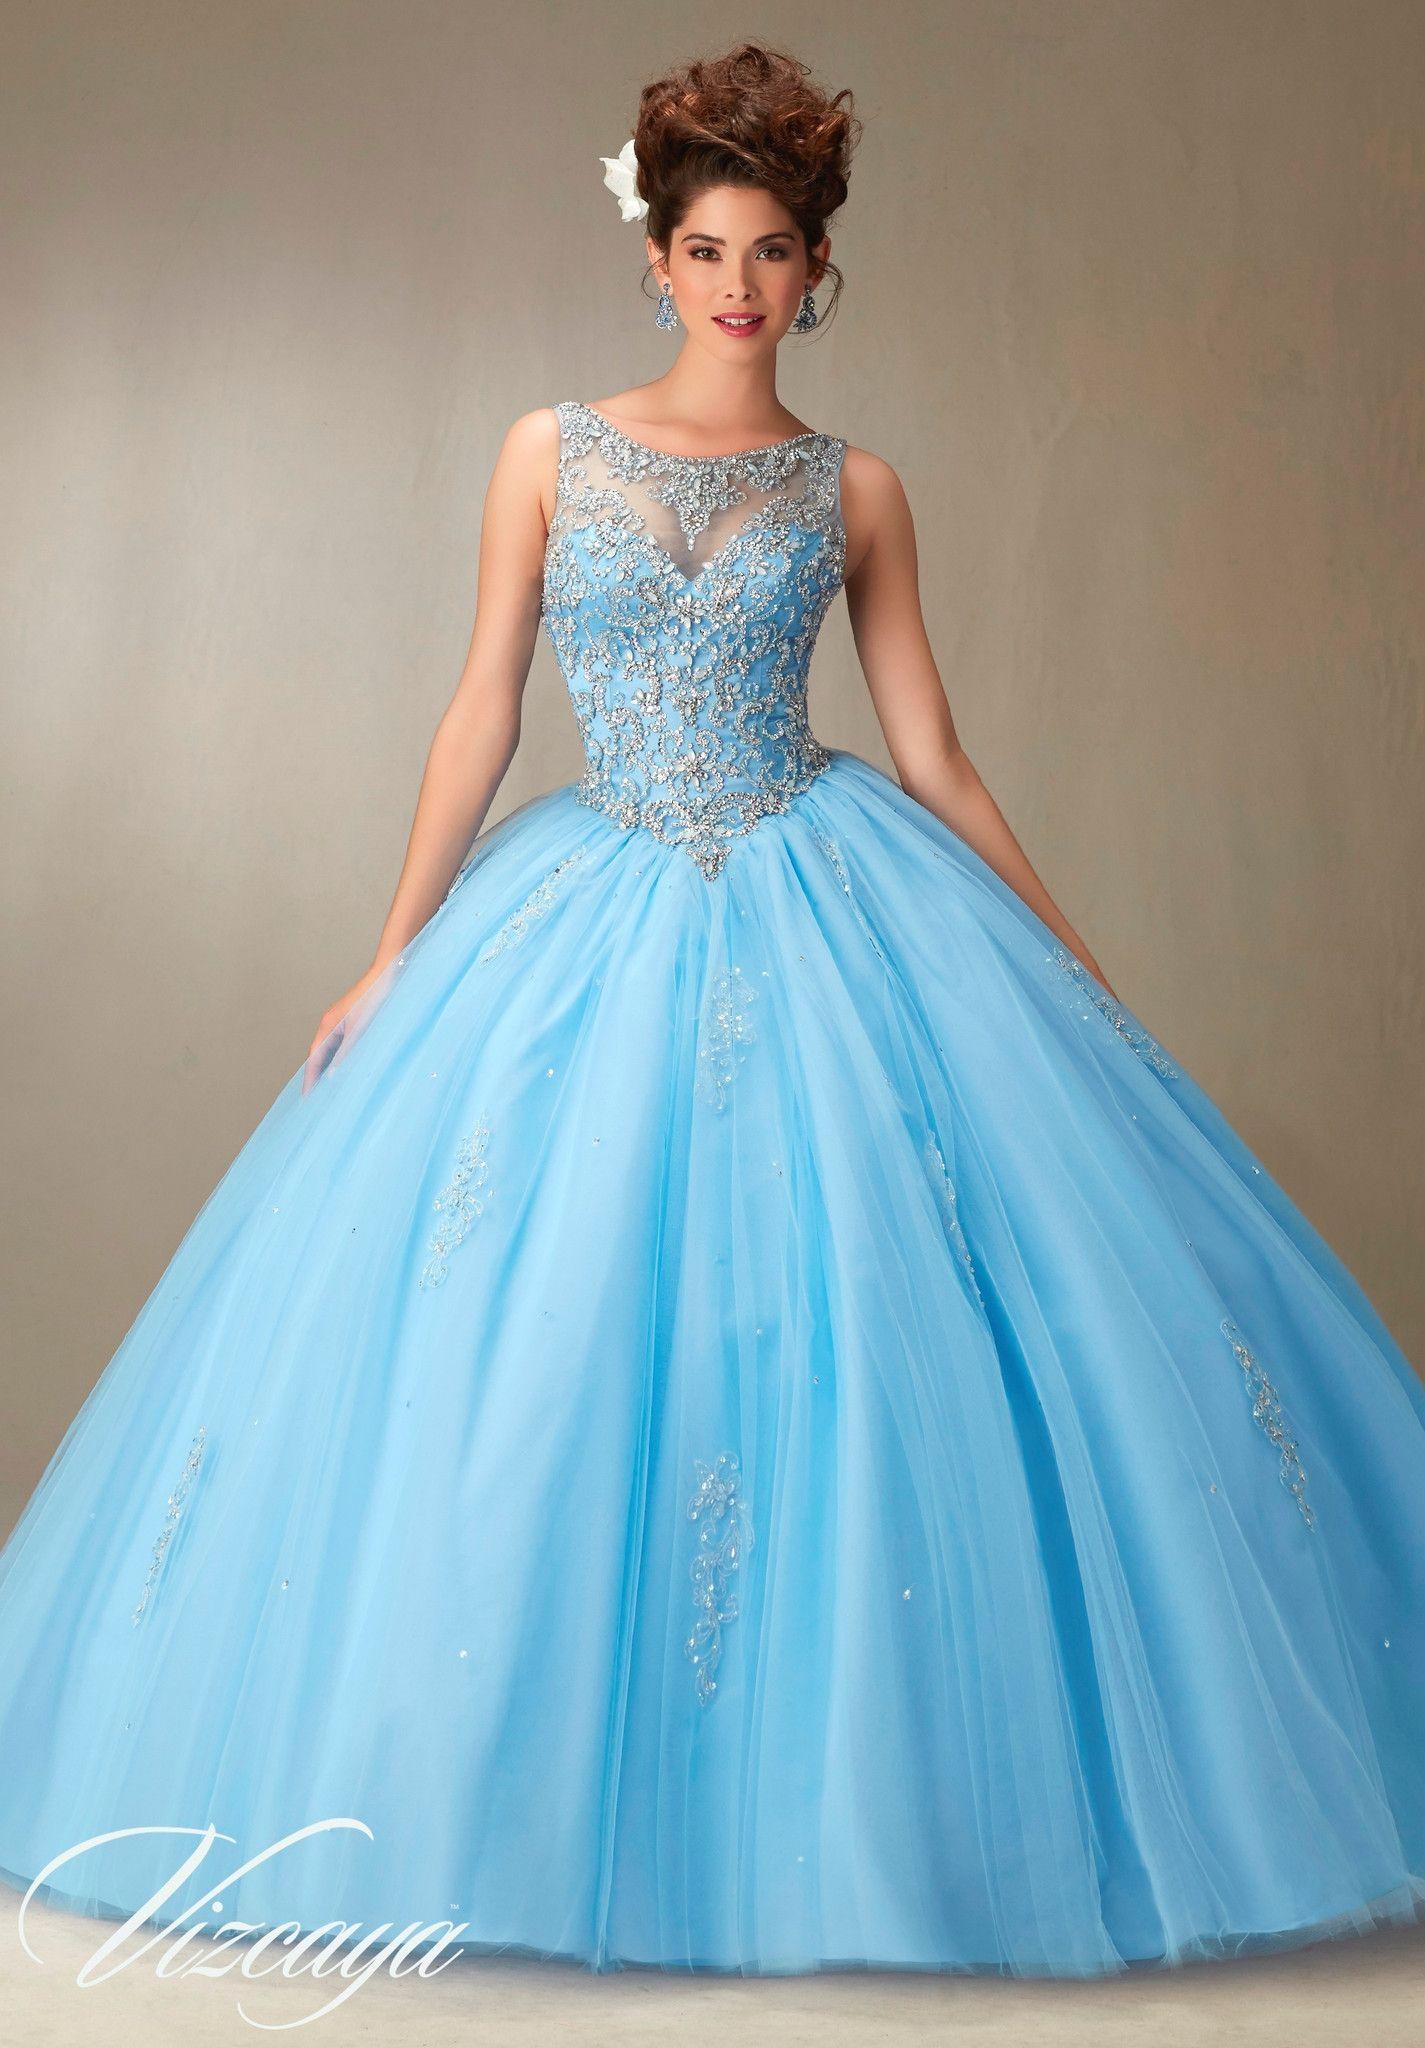 Mori Lee Quinceanera Dress 89067 | Vestido de 15 año, Quinceañera y ...